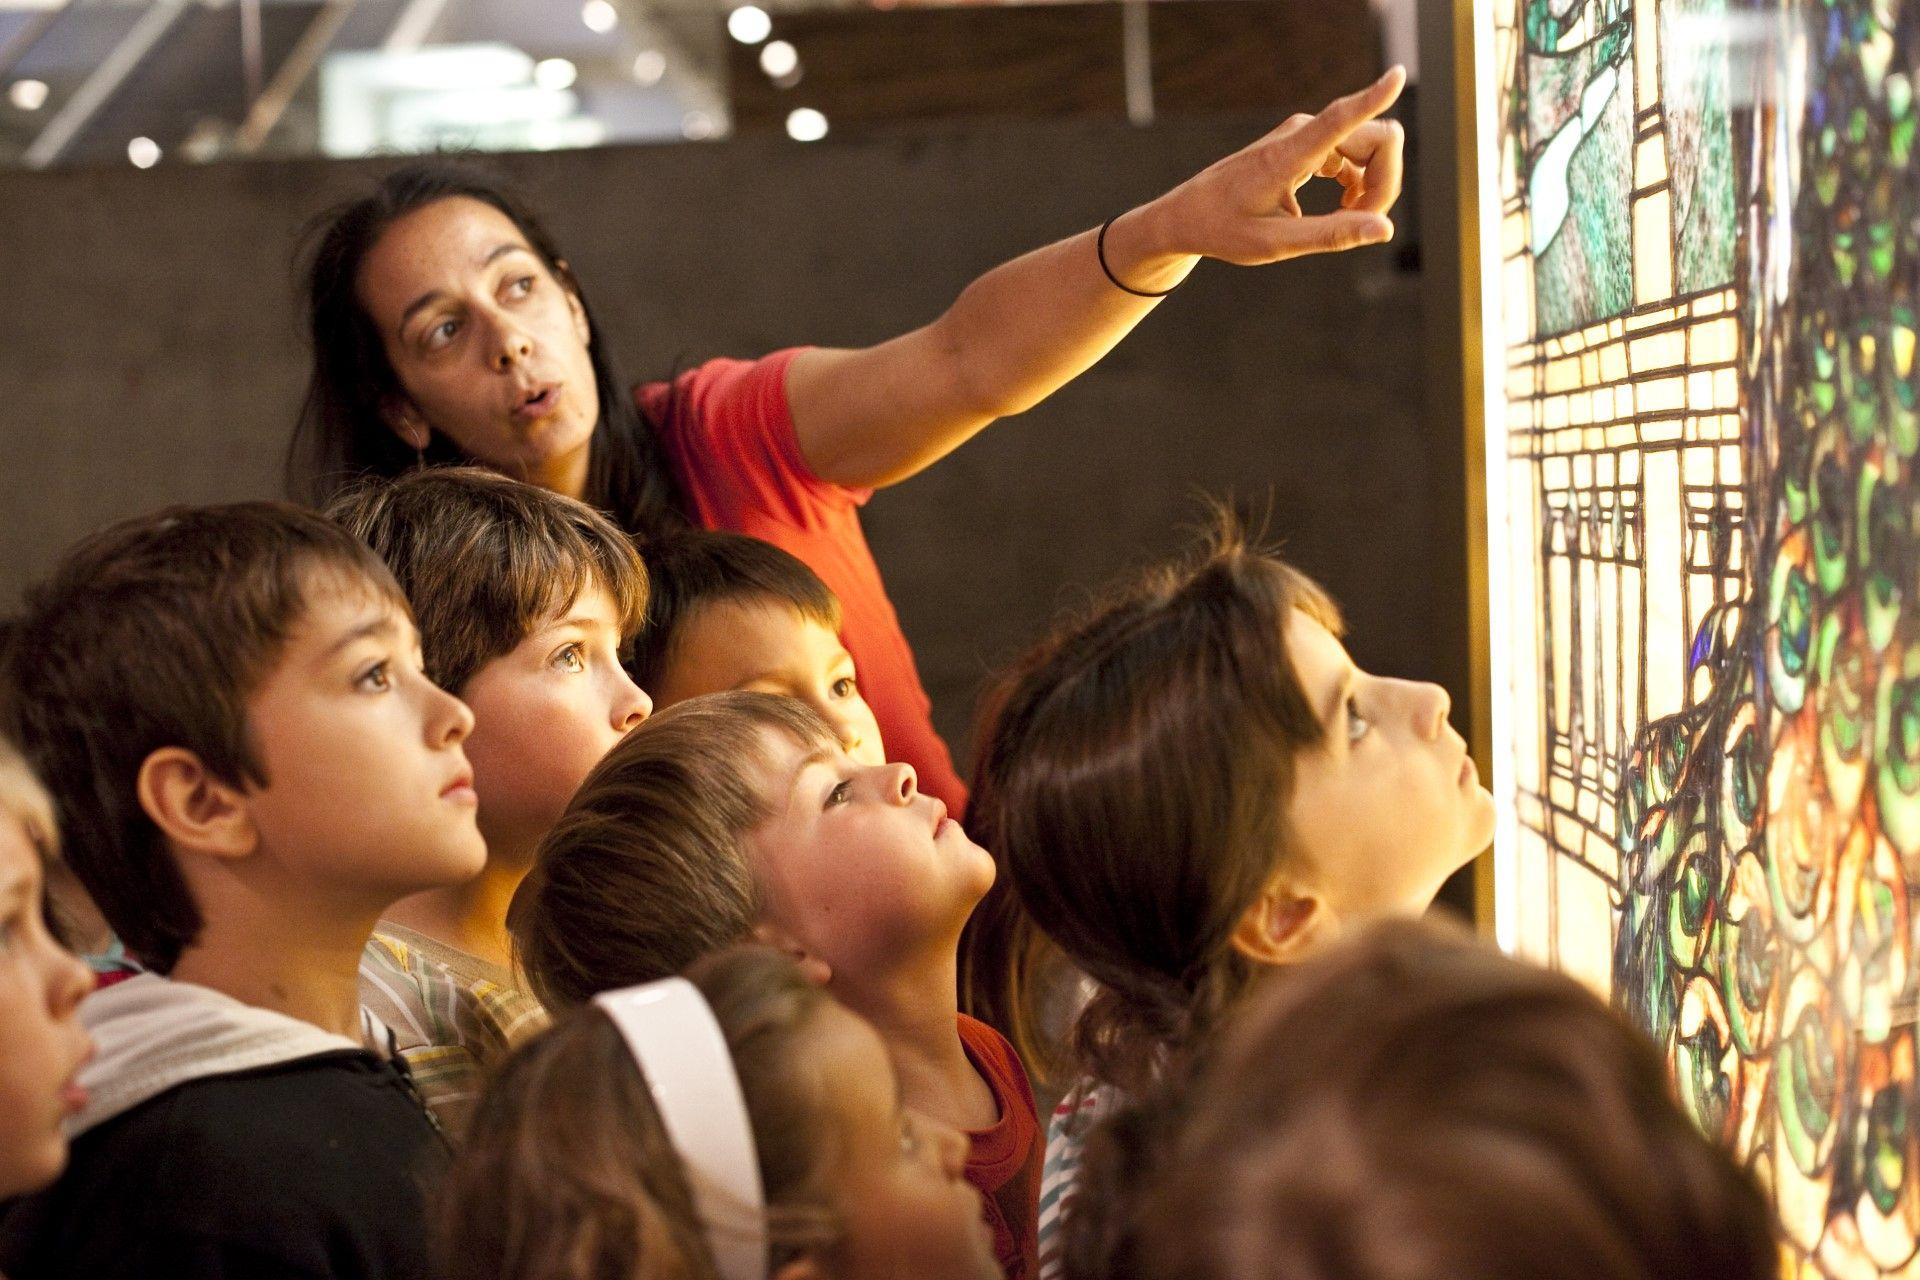 Mediator in front of aan atrwork with children